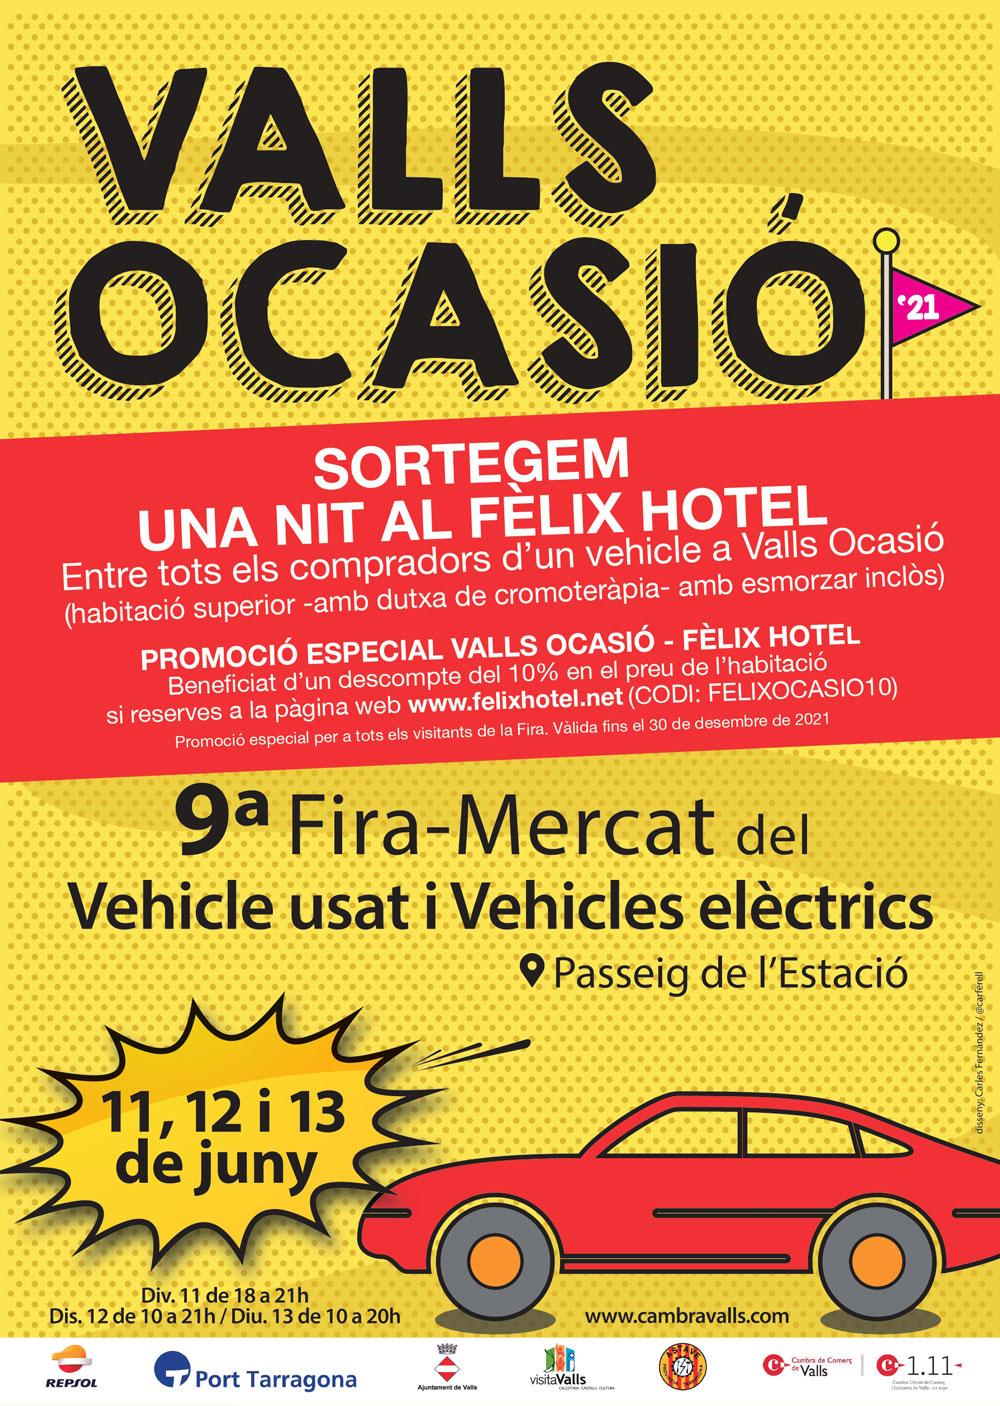 Mercat del Vehicle d'Ocasió i Elèctric de Valls